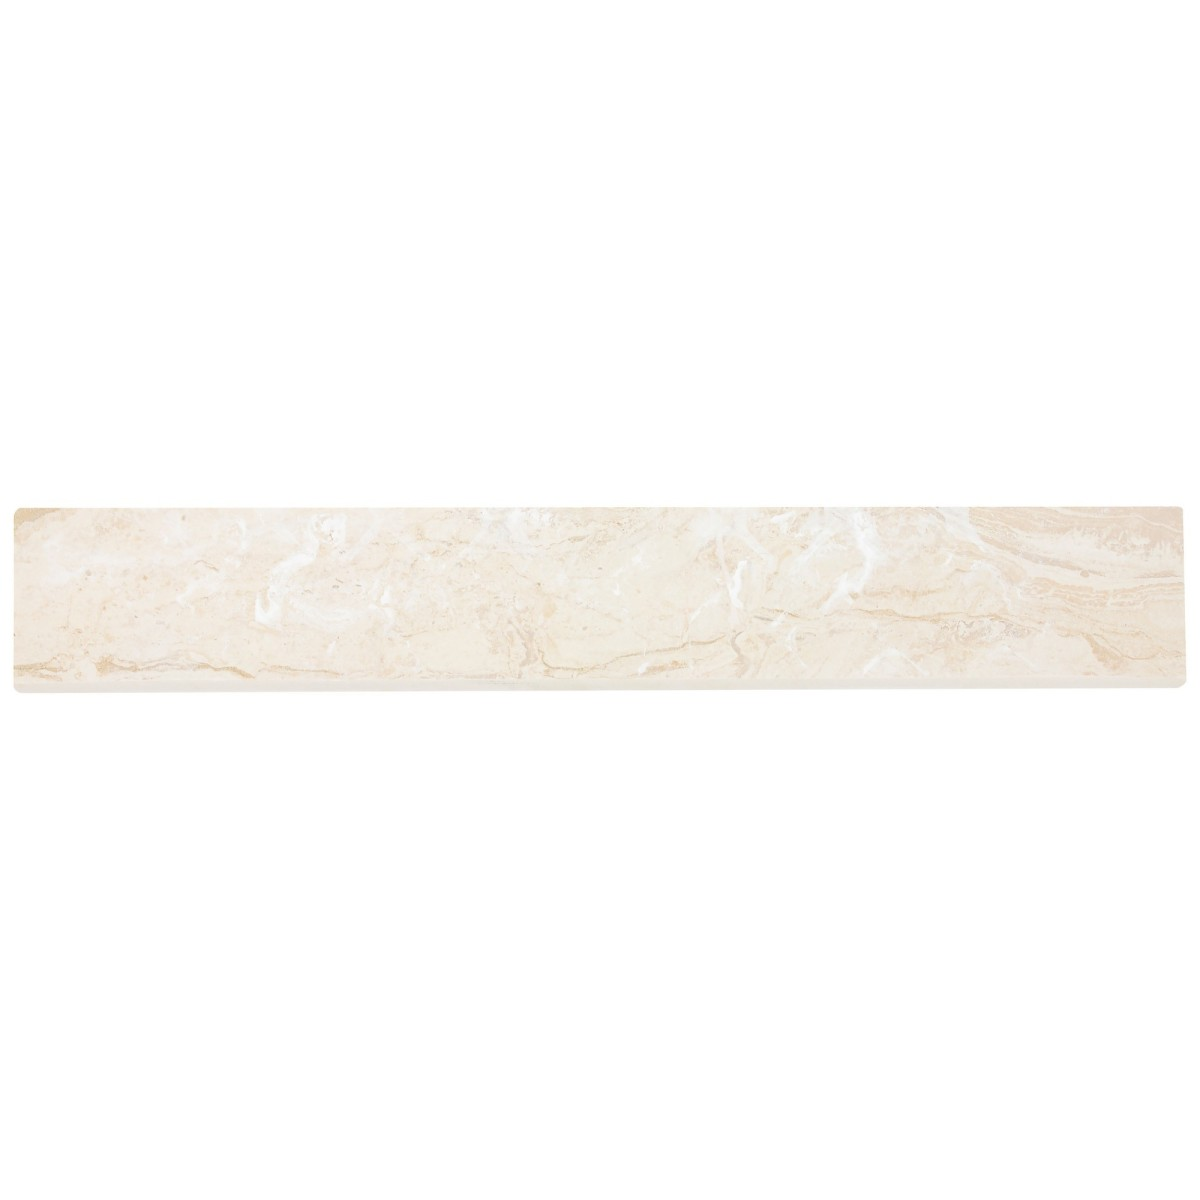 Плинтус Rod Privilege Avorio 7.2x45 см цвет бежевый